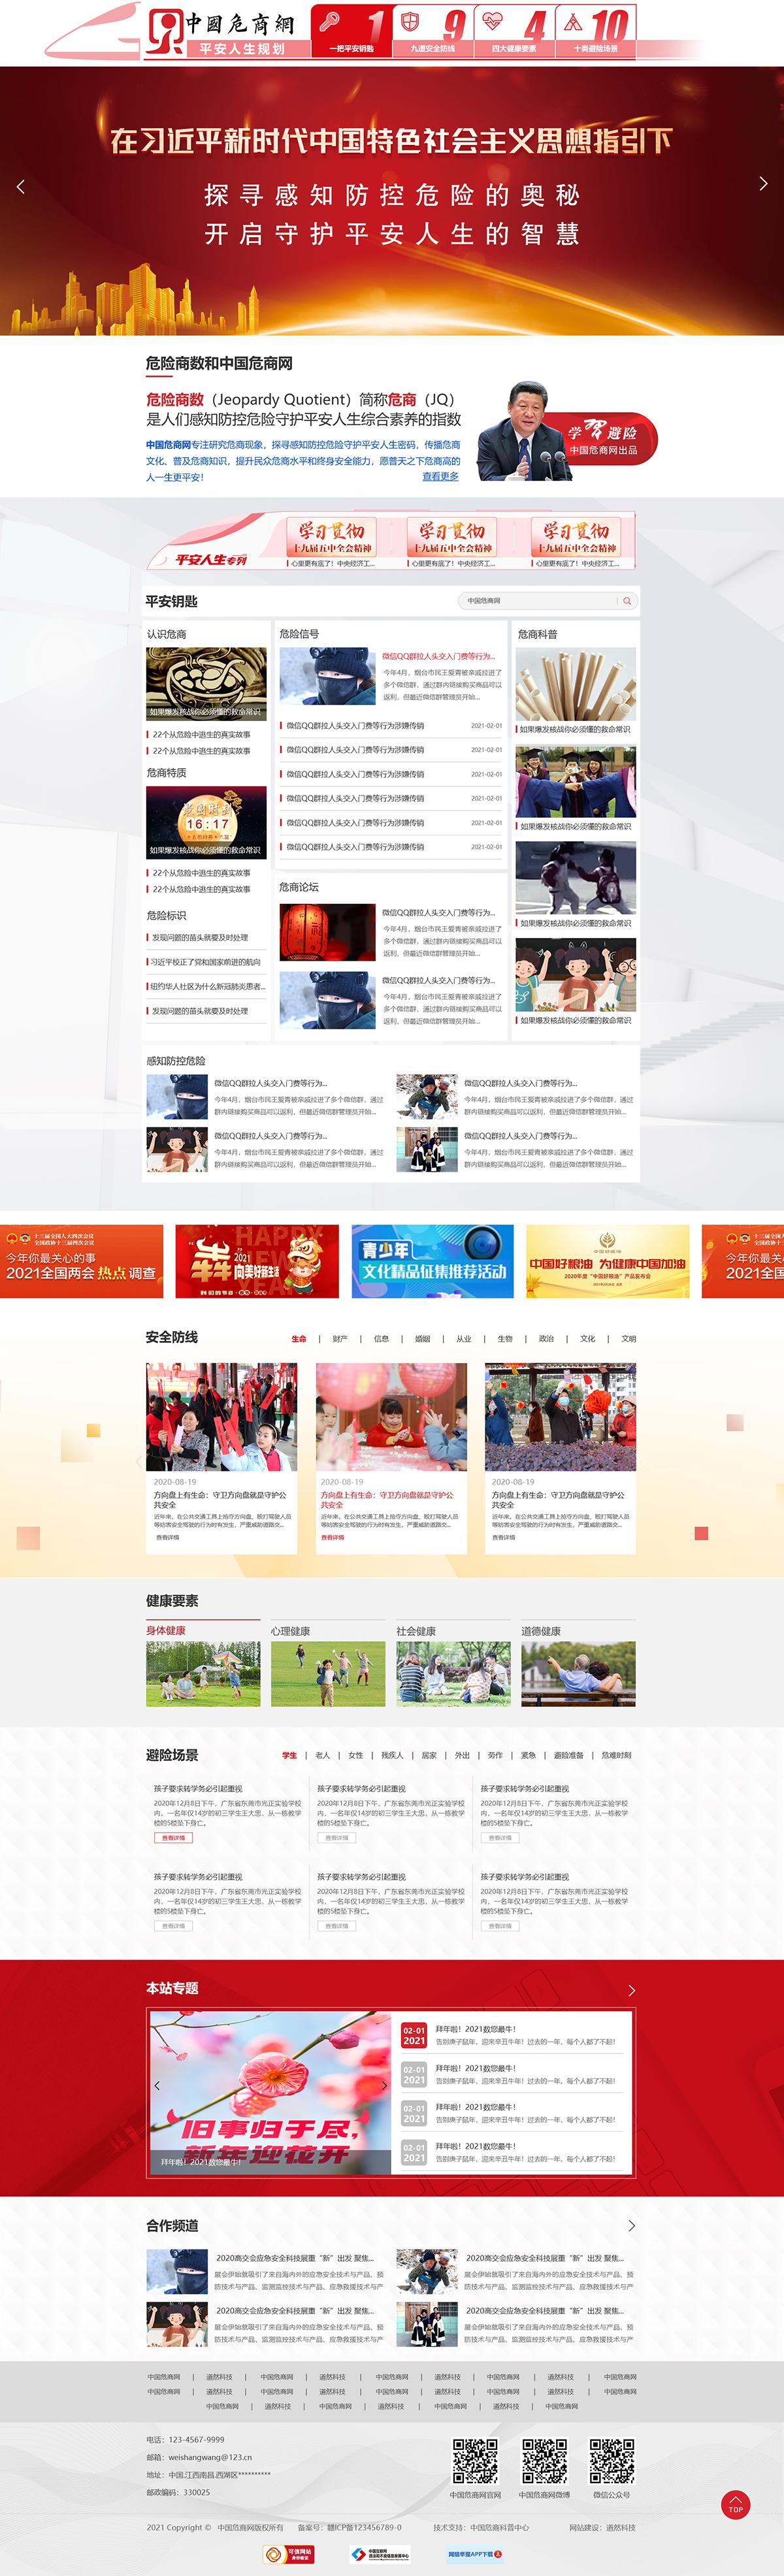 中国危商网00.jpg